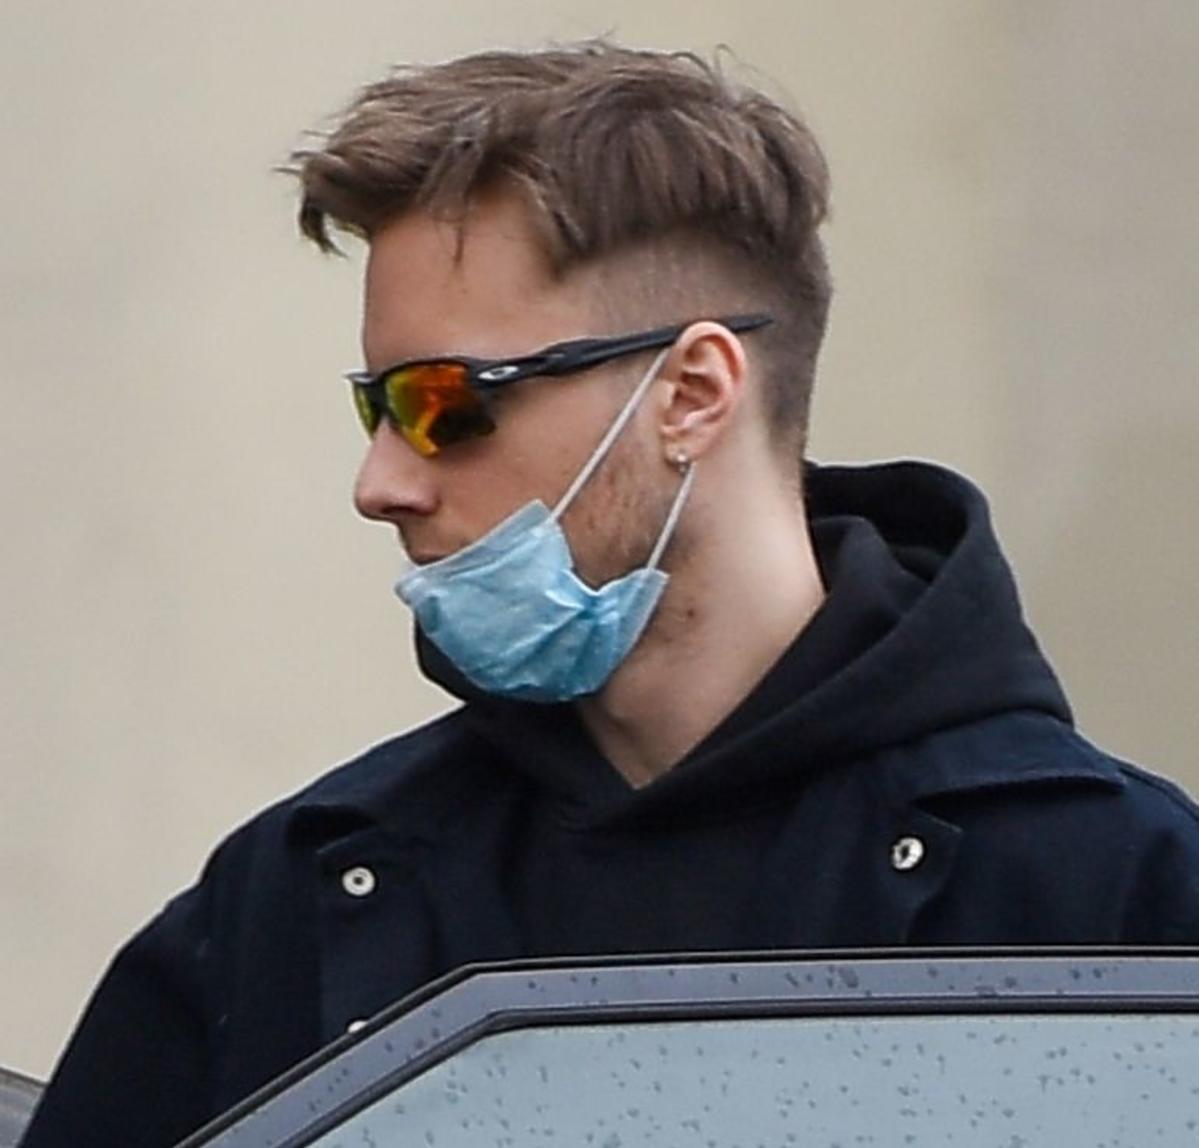 Maciej Musiał nowa fryzura